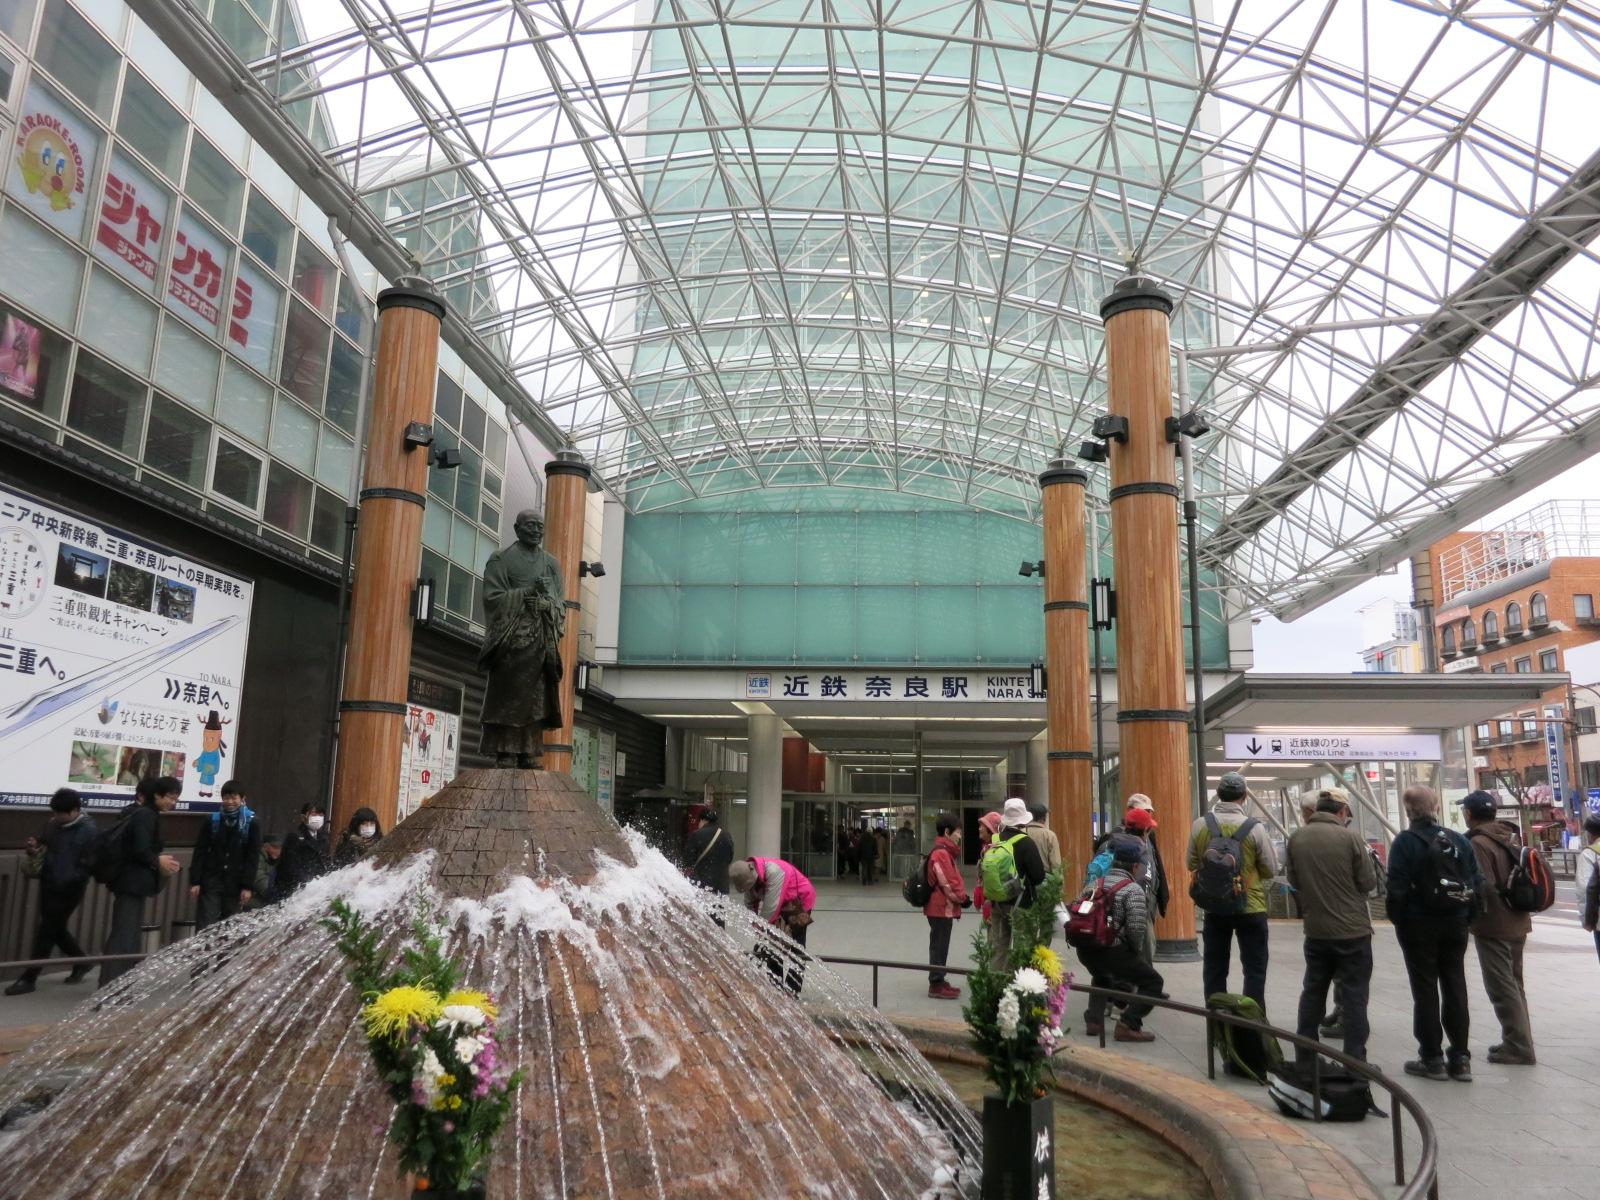 近鉄奈良駅に到着しました。